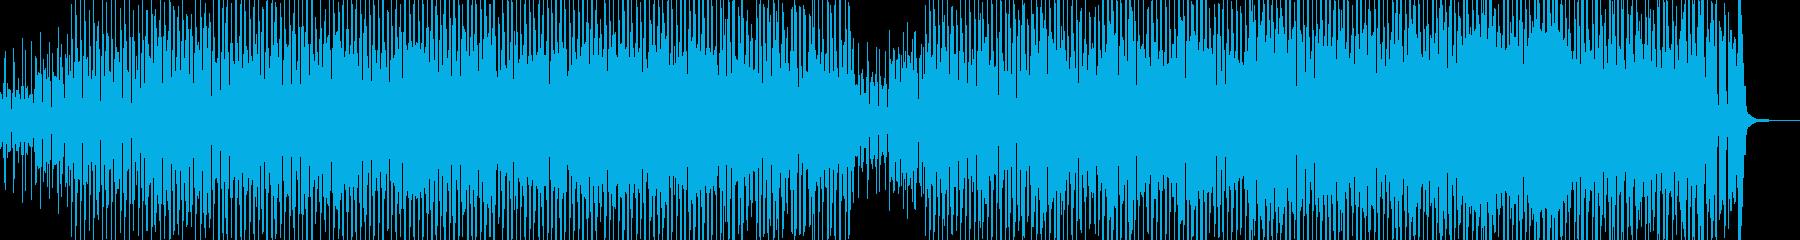 跳ねるメロディ・お祭り騒ぎなジャズ Aの再生済みの波形